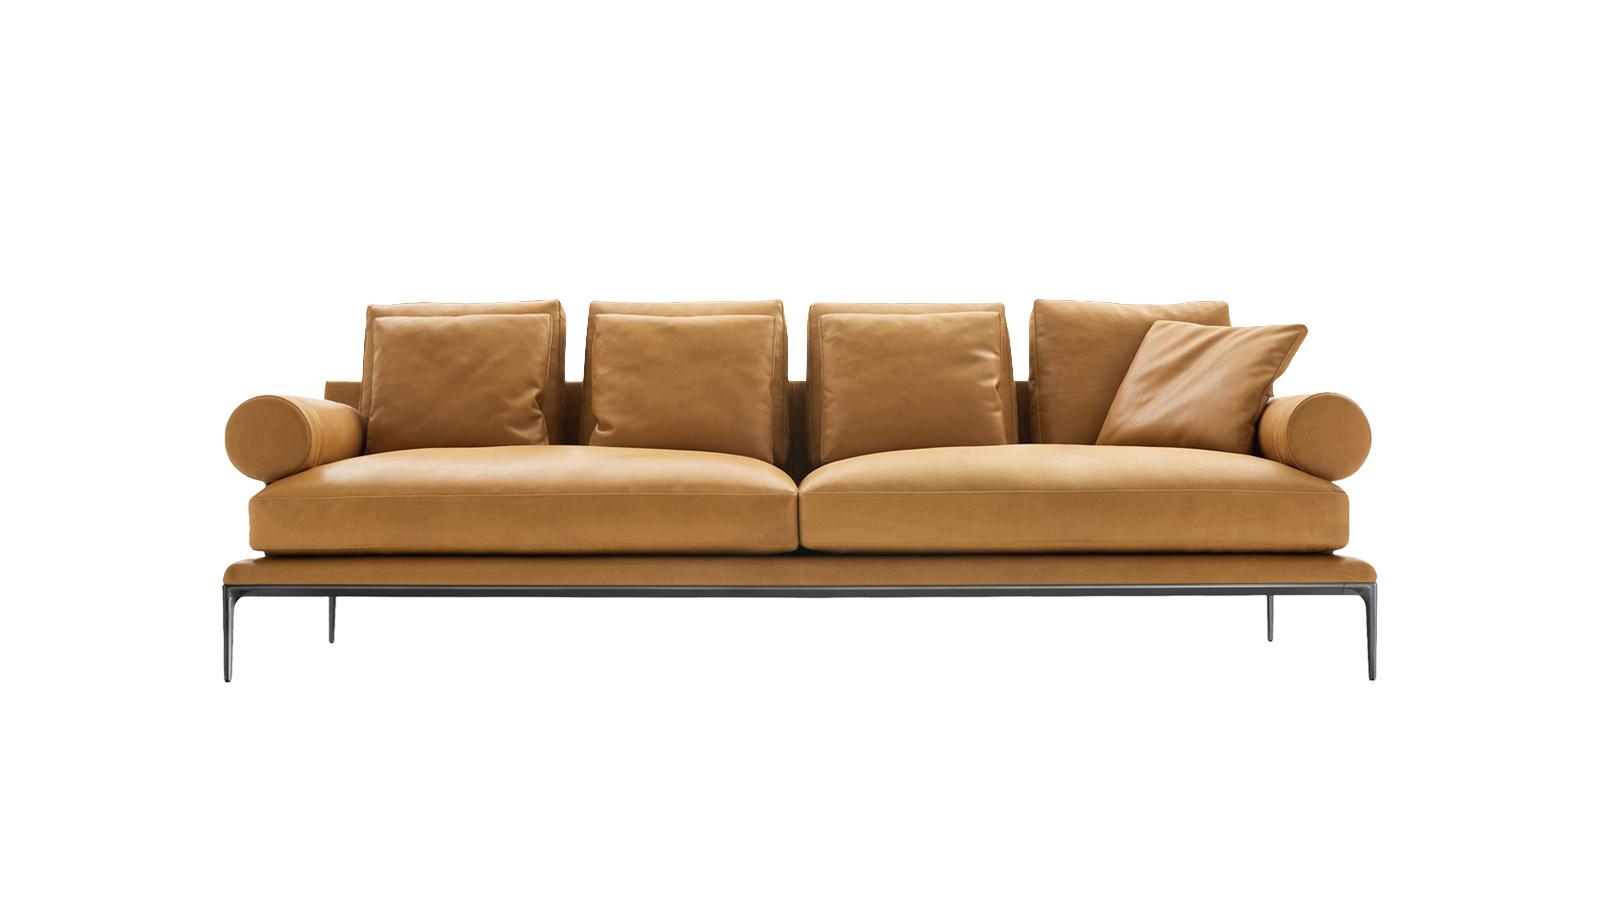 Az Atoll nem véletlenül díjnyertes kanapé: úgy képviseli a kortárs design letisztult értékeit, hogy újragondolja a tradícionális formákat. Sokoldalúságára mi sem jobb példa, minthogy a formális találkozóktól egészen a sziesztázásig számos pillanatban helyt áll. Mindez a mozgatható részeknek is köszönhető, melyek közül a bőrszíjakkal rögzített párnák kivételesen egyedi megjelenést kölcsönöznek a bútornak.